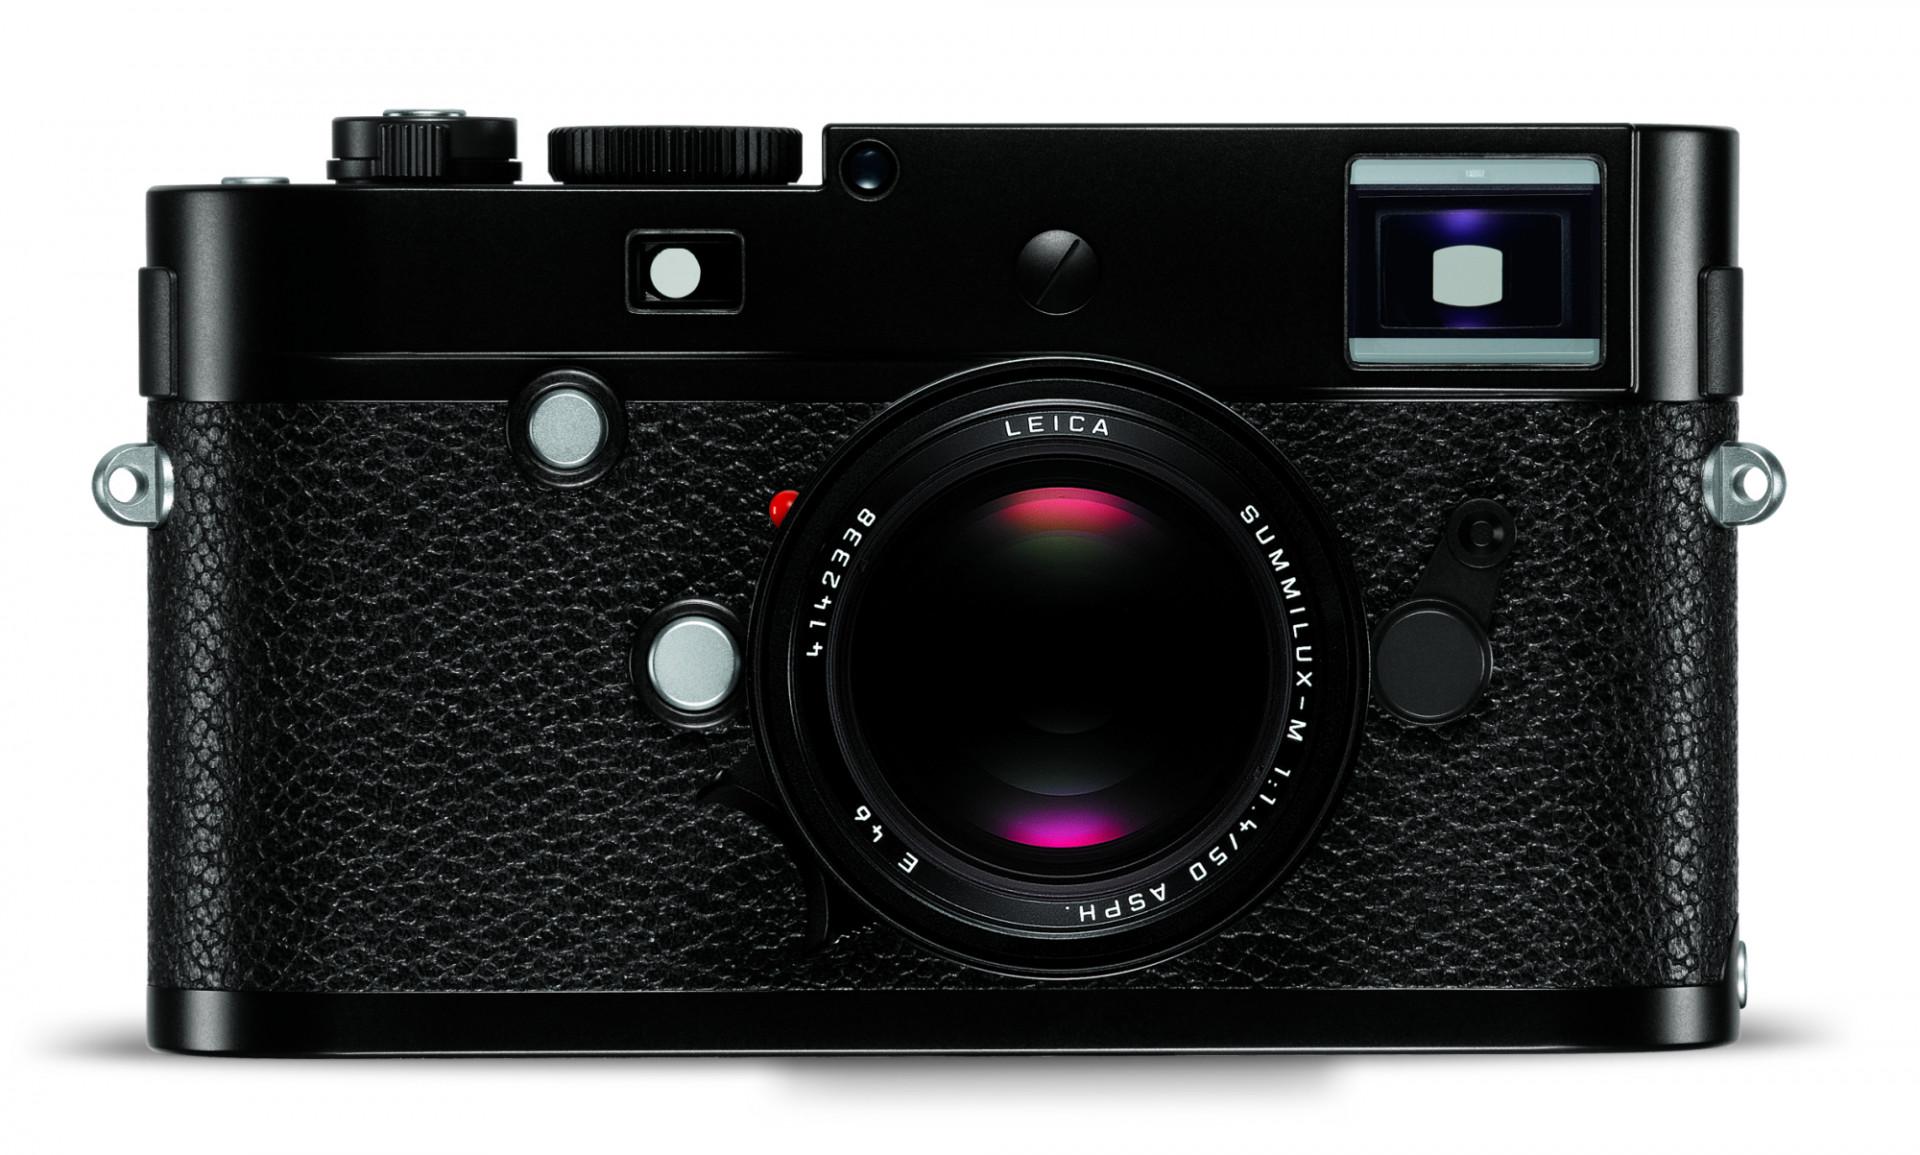 Neue Messsucherkamera Leica M-P   c\'t Fotografie